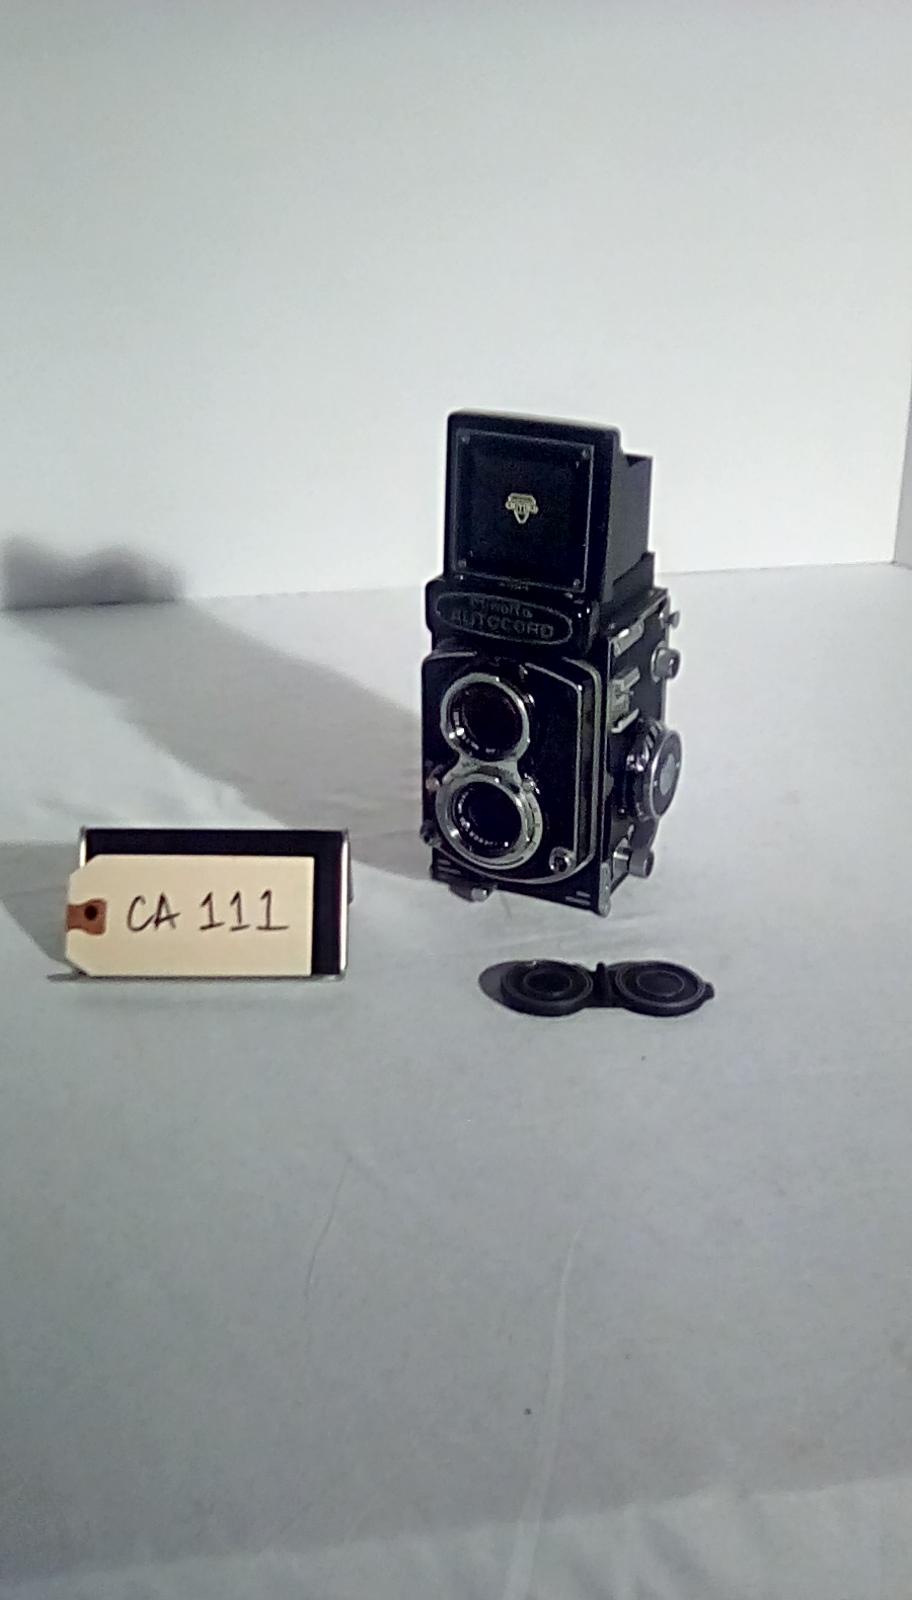 CA111, Minolta, autocord, w/twin lens reflex ( & cover)